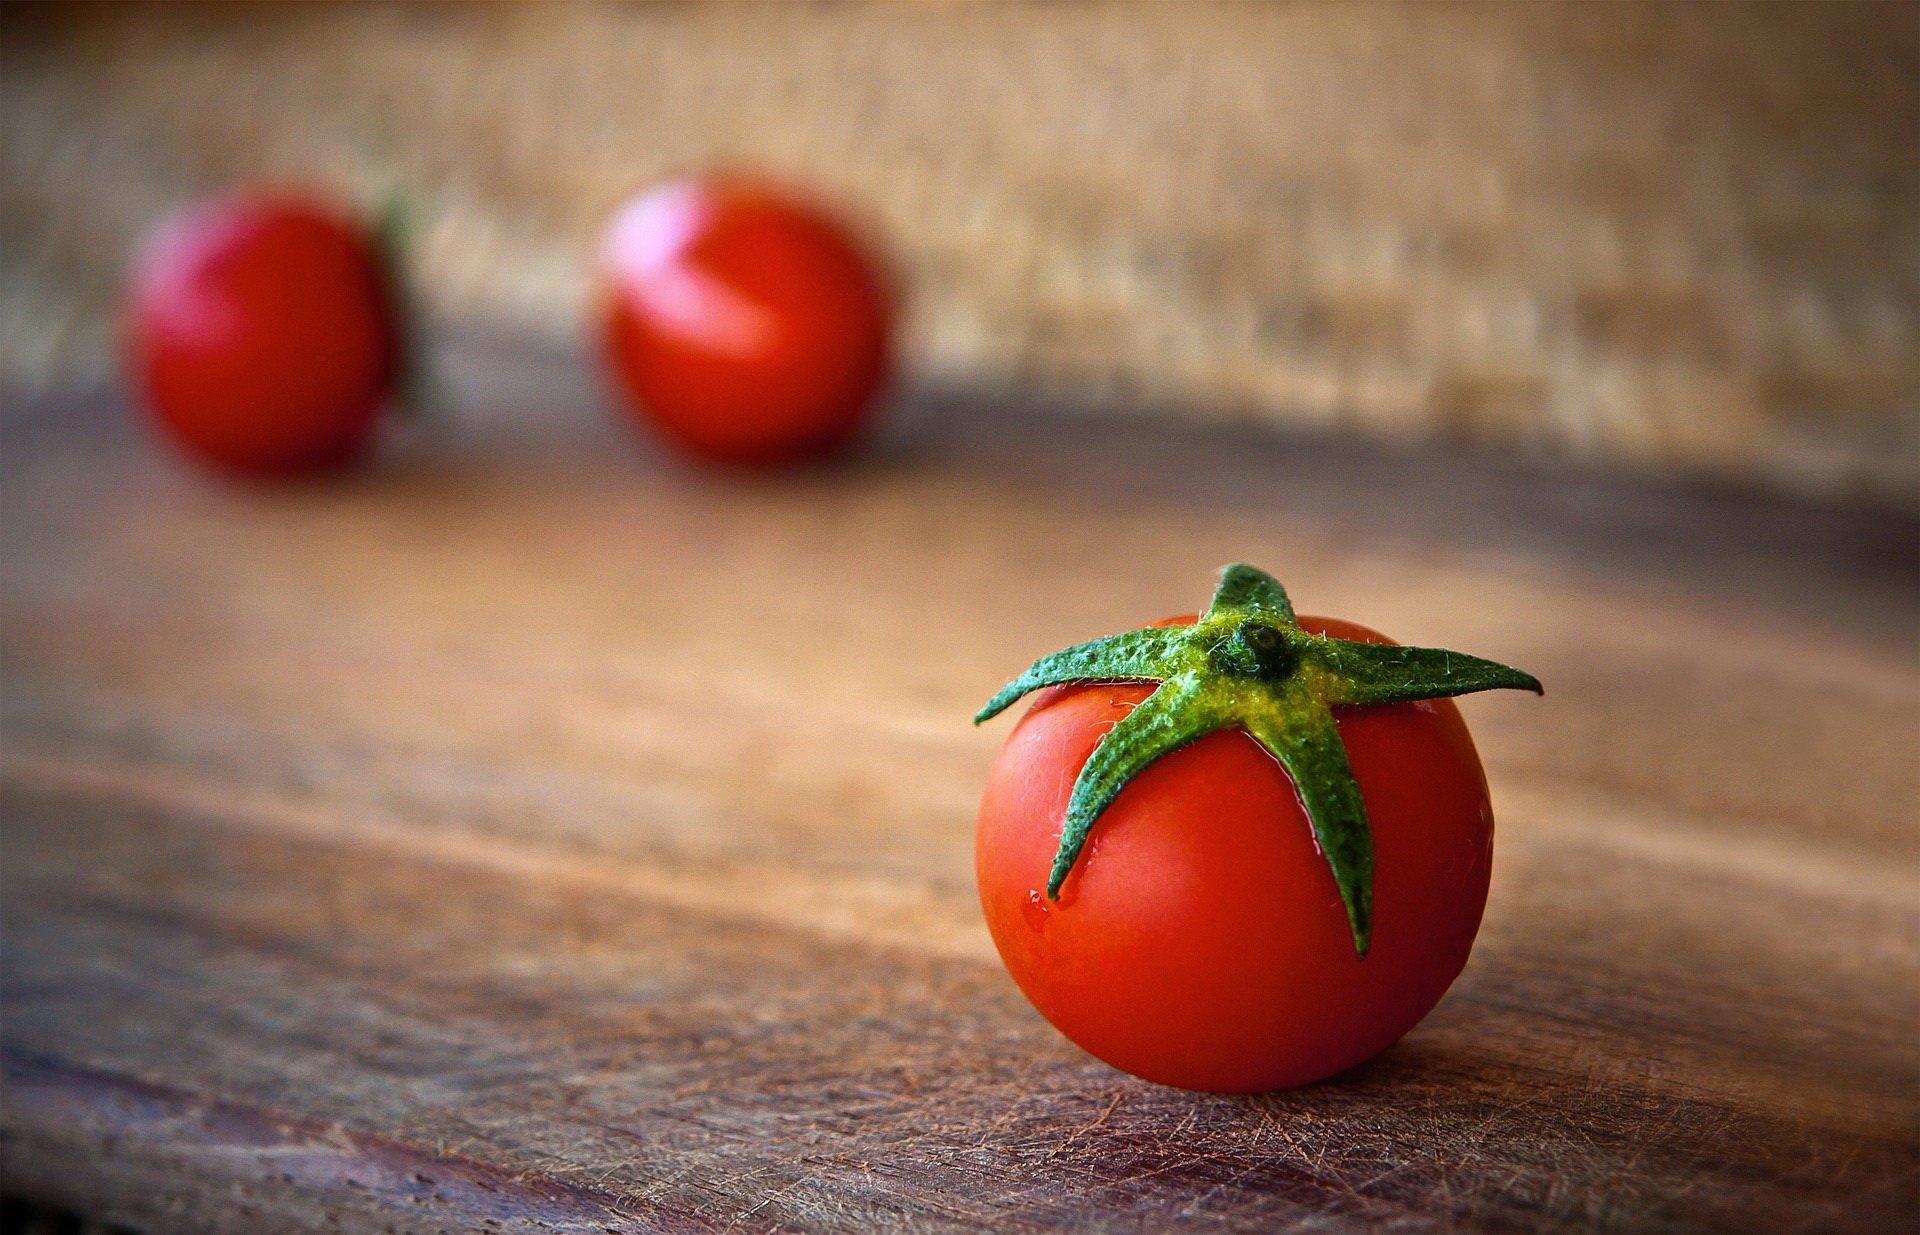 Pomi-pomi-pomidorek, wierszyk dla dzieci o warzywach